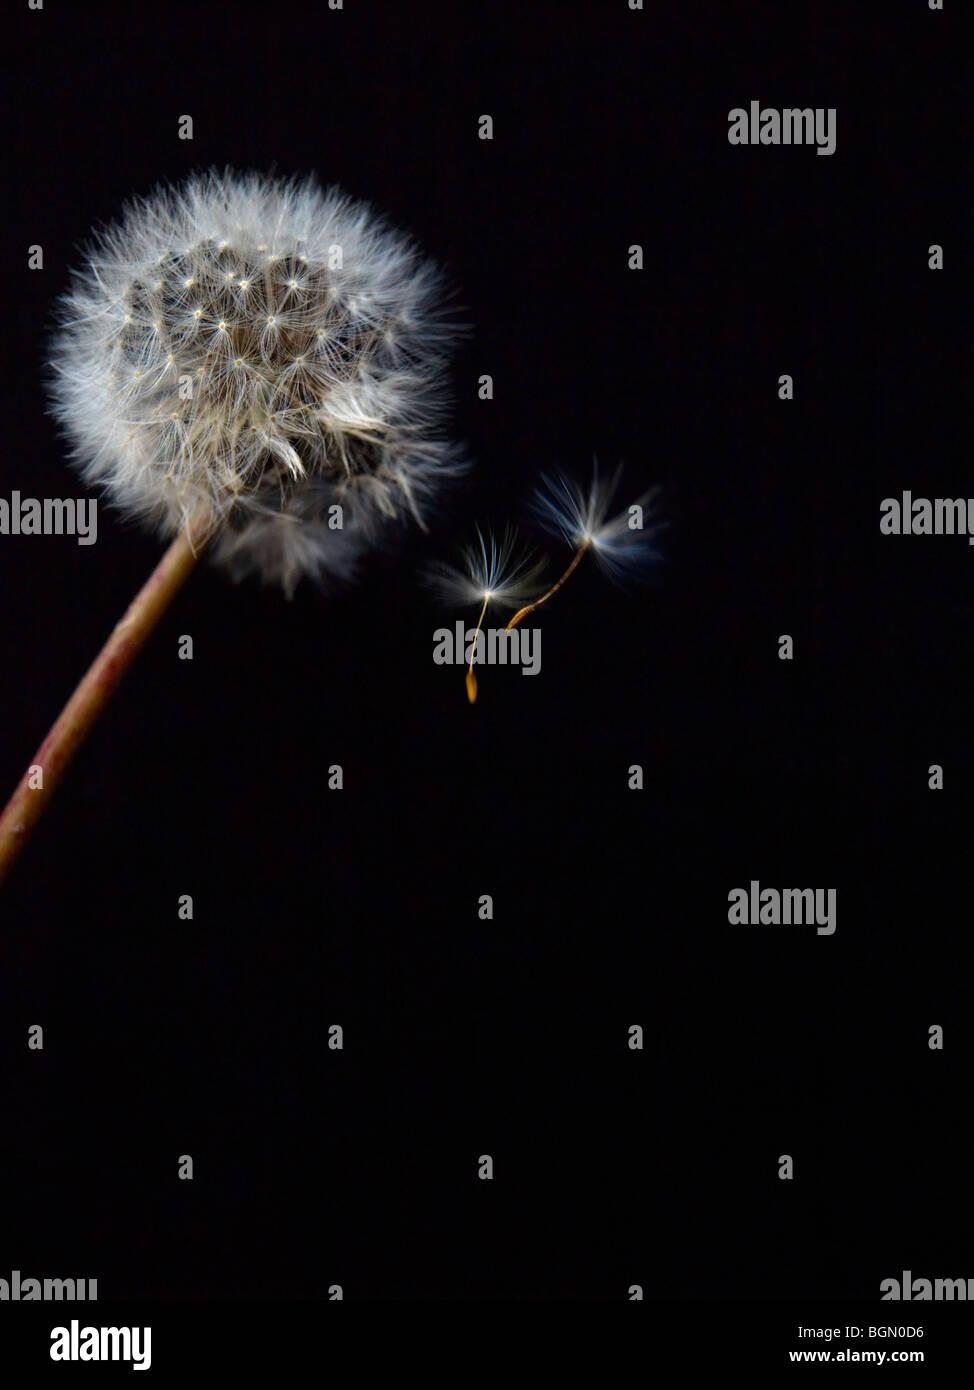 Dandelion Fuzz - Stock Image